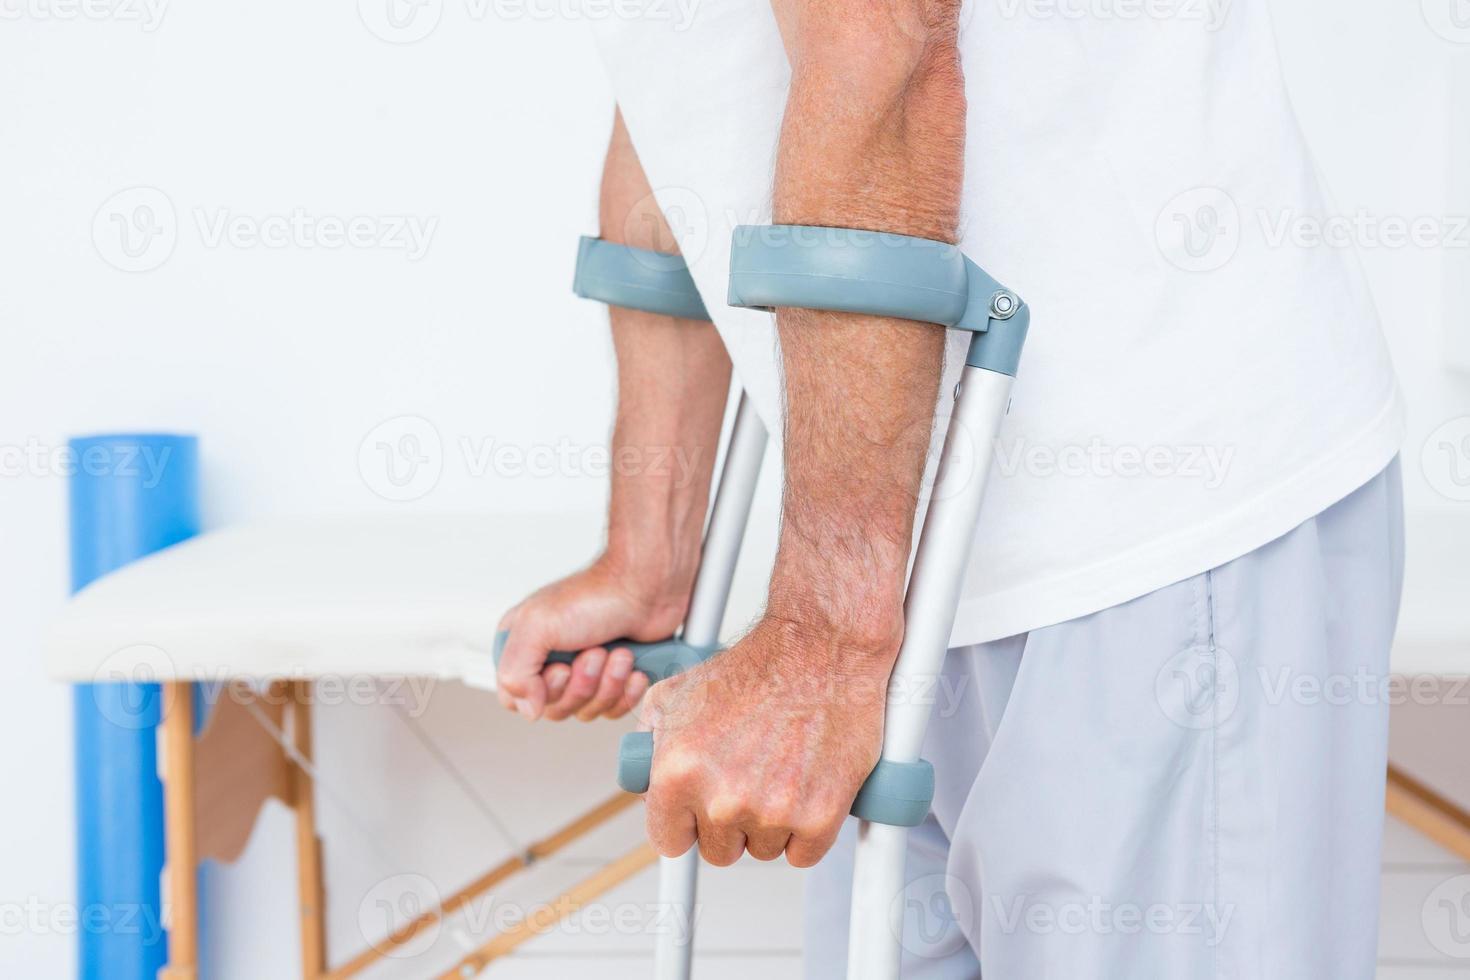 paziente in piedi con la stampella foto